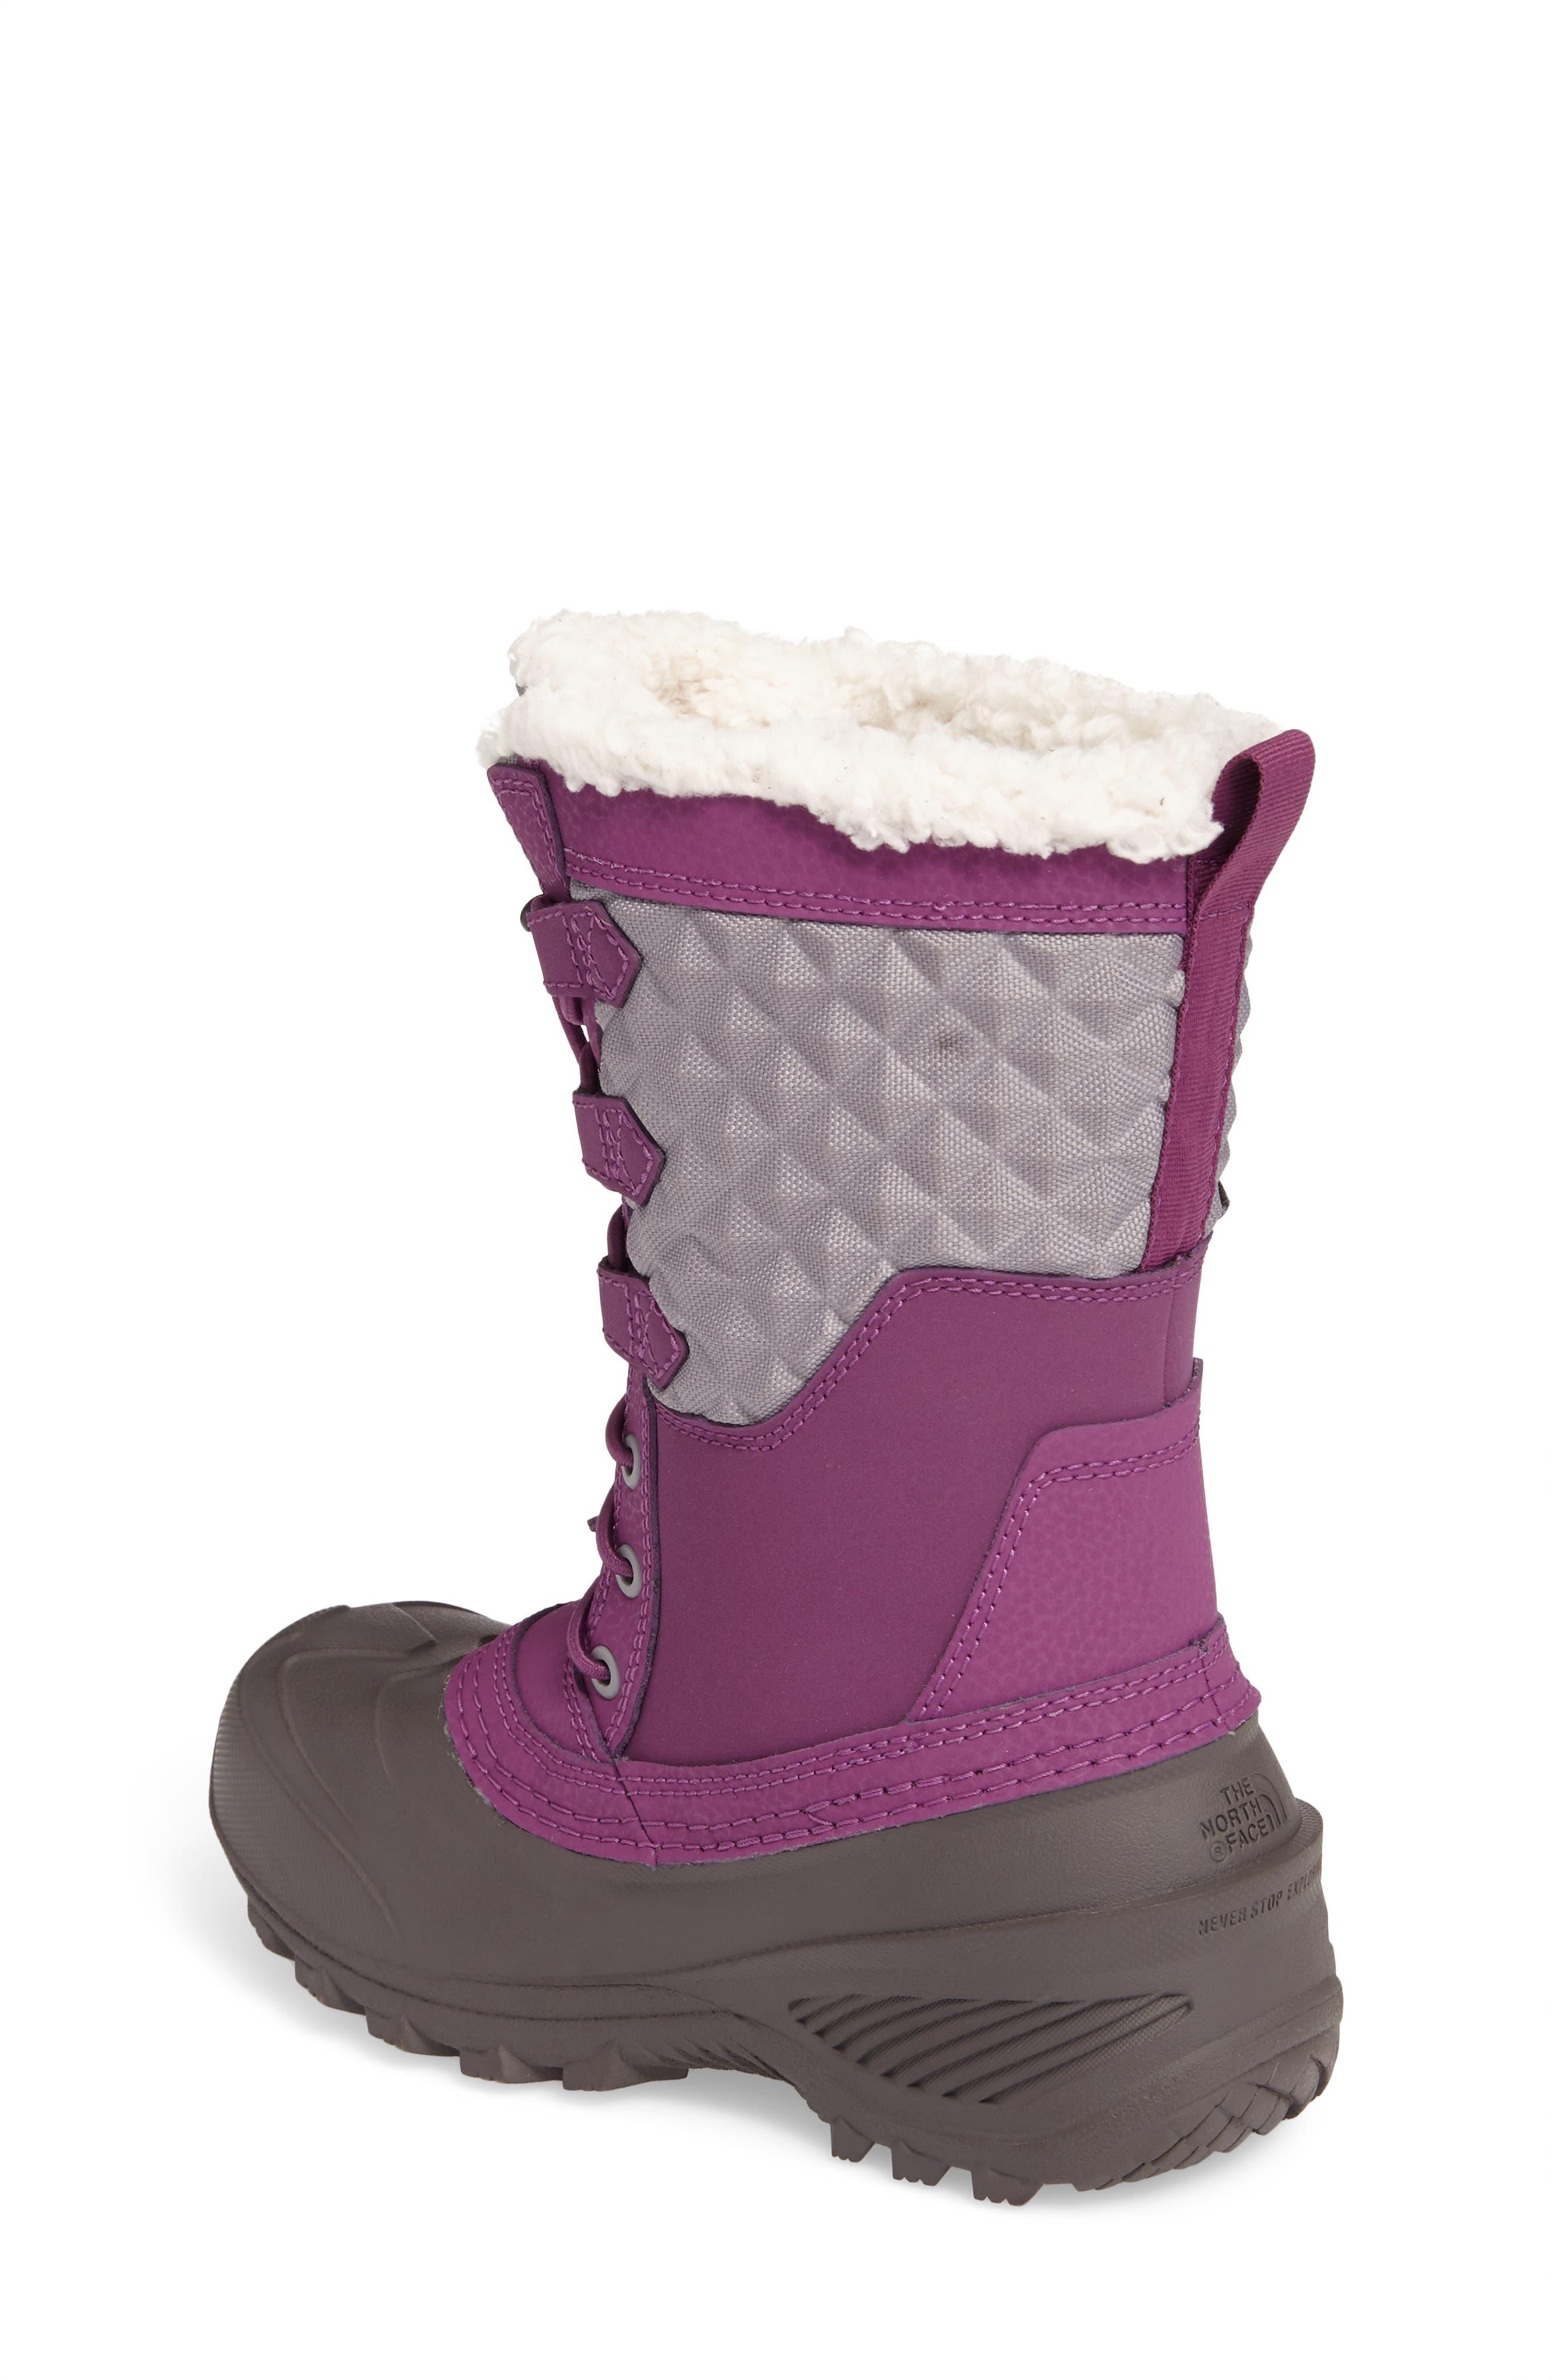 Shellista Lace III Faux Fur Waterproof Boot,                             Alternate thumbnail 6, color,